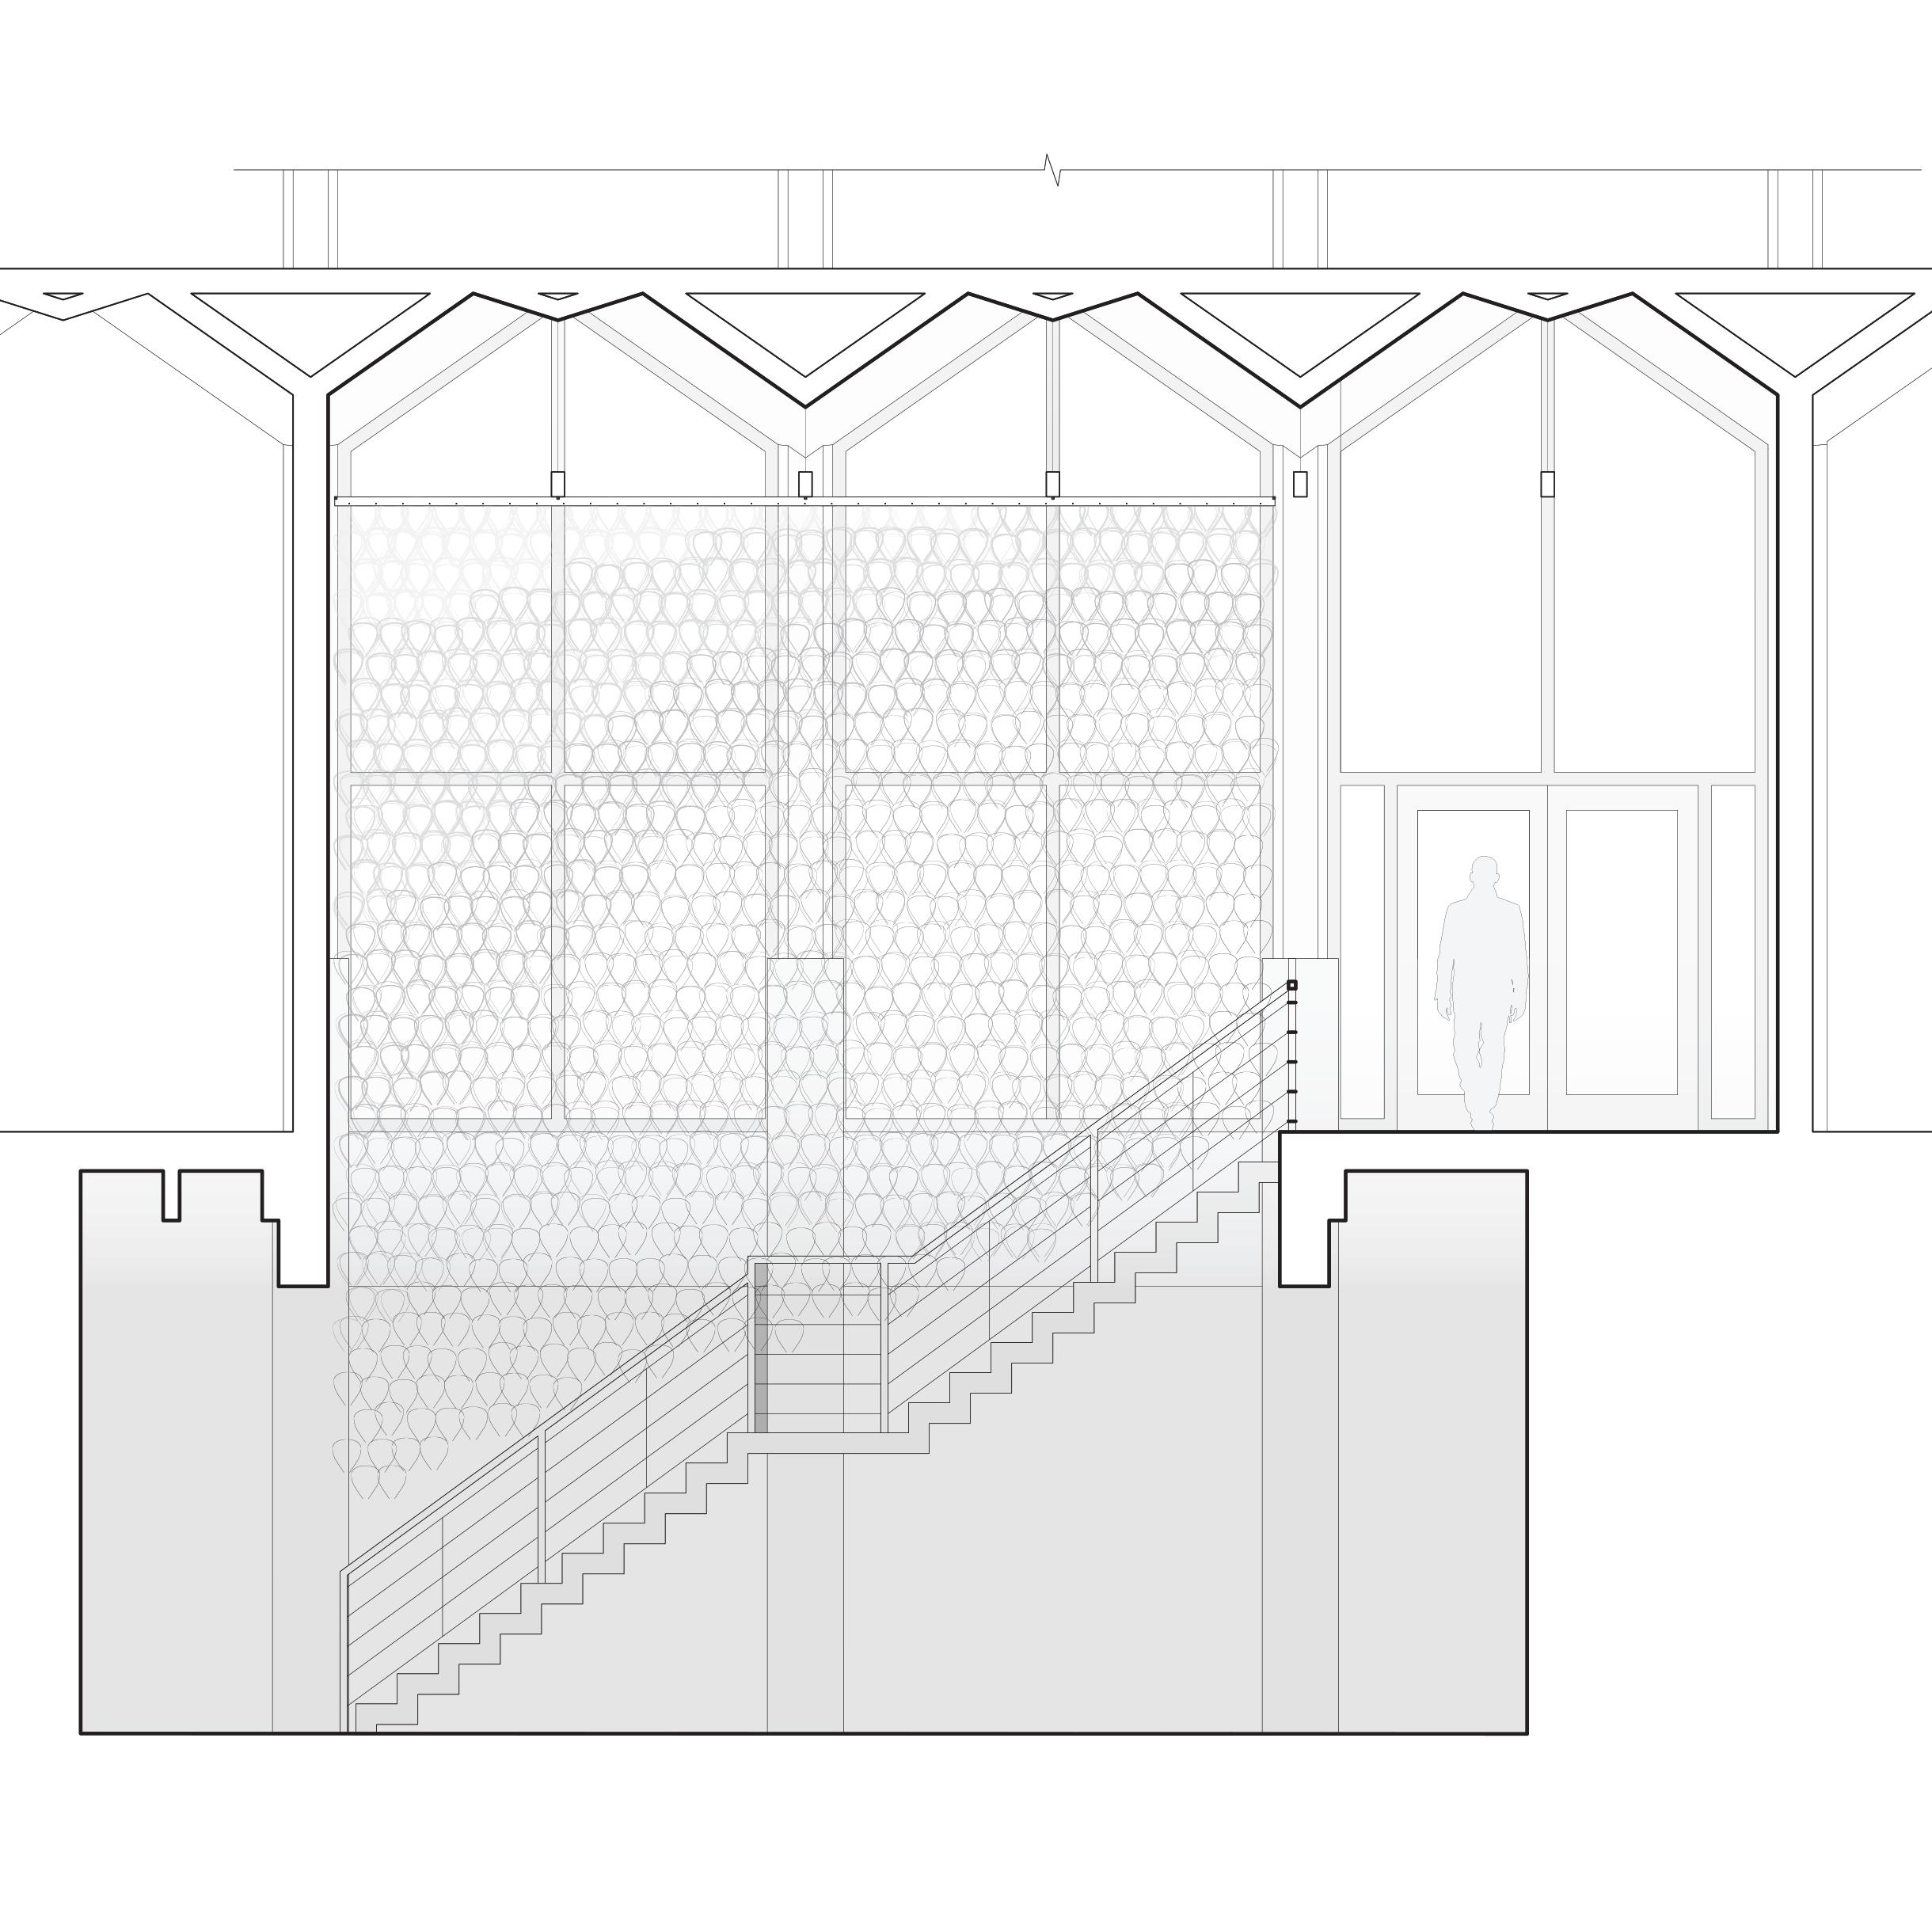 SP16_Studio_SuspendedInResin_Drawings_Longitudinal Section_1_1_Original.png